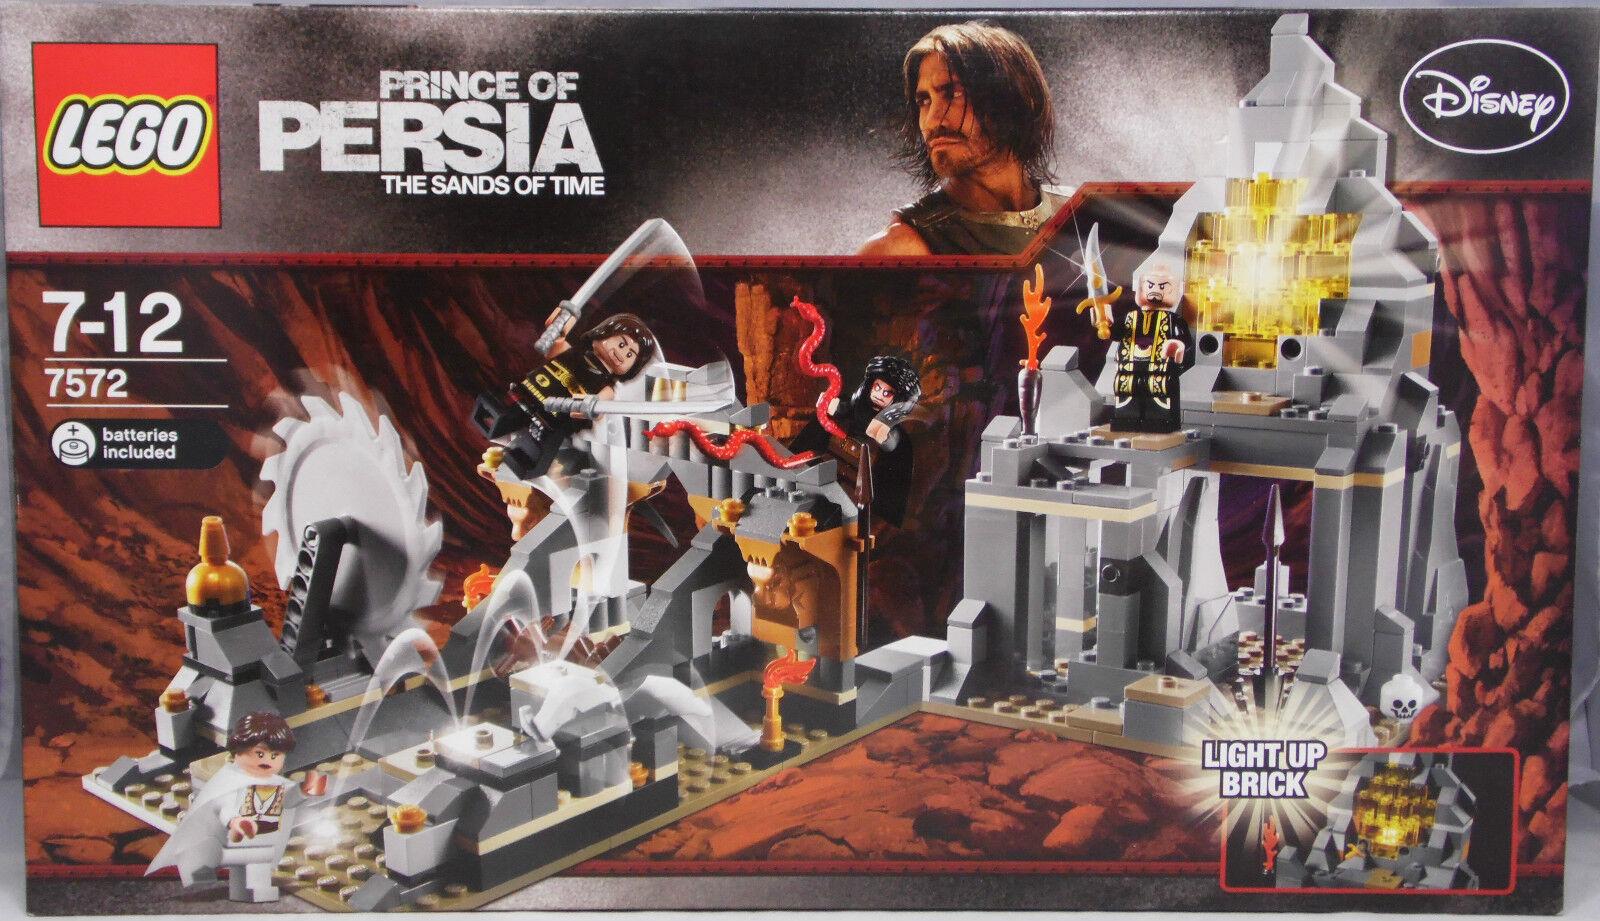 Lego Prince of Persia 7572 lucha contra el tiempo Dastan light Brick nuevo